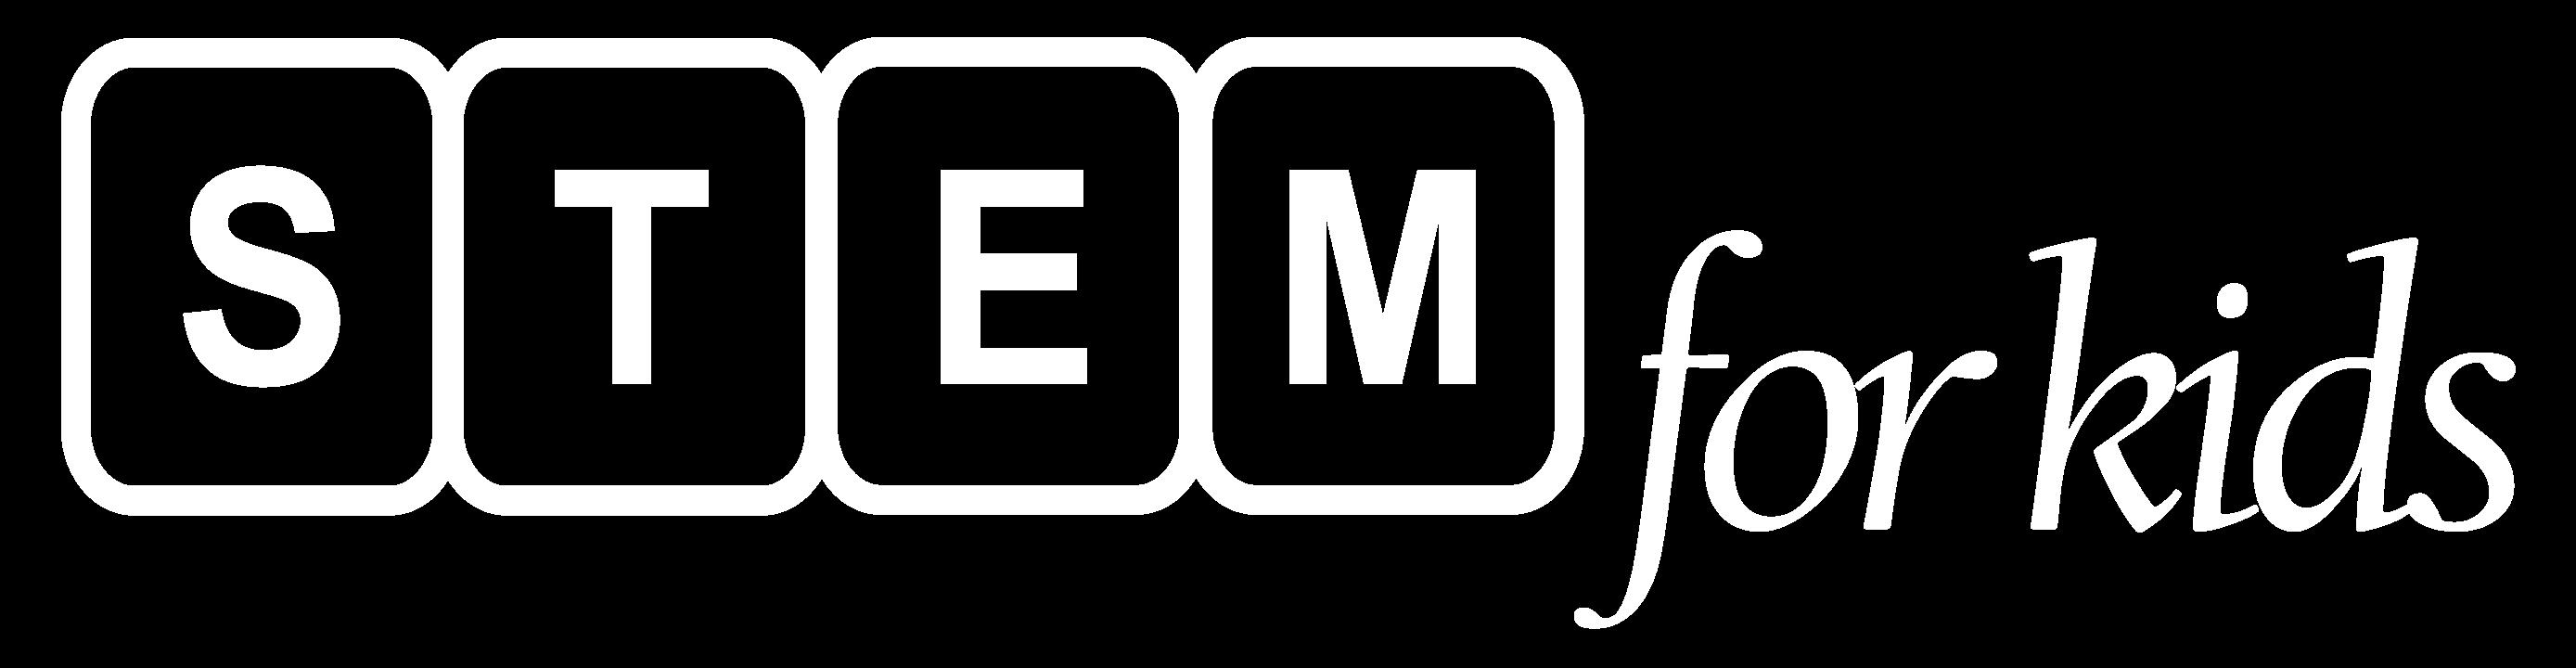 STEM-For-Kids579x150 white